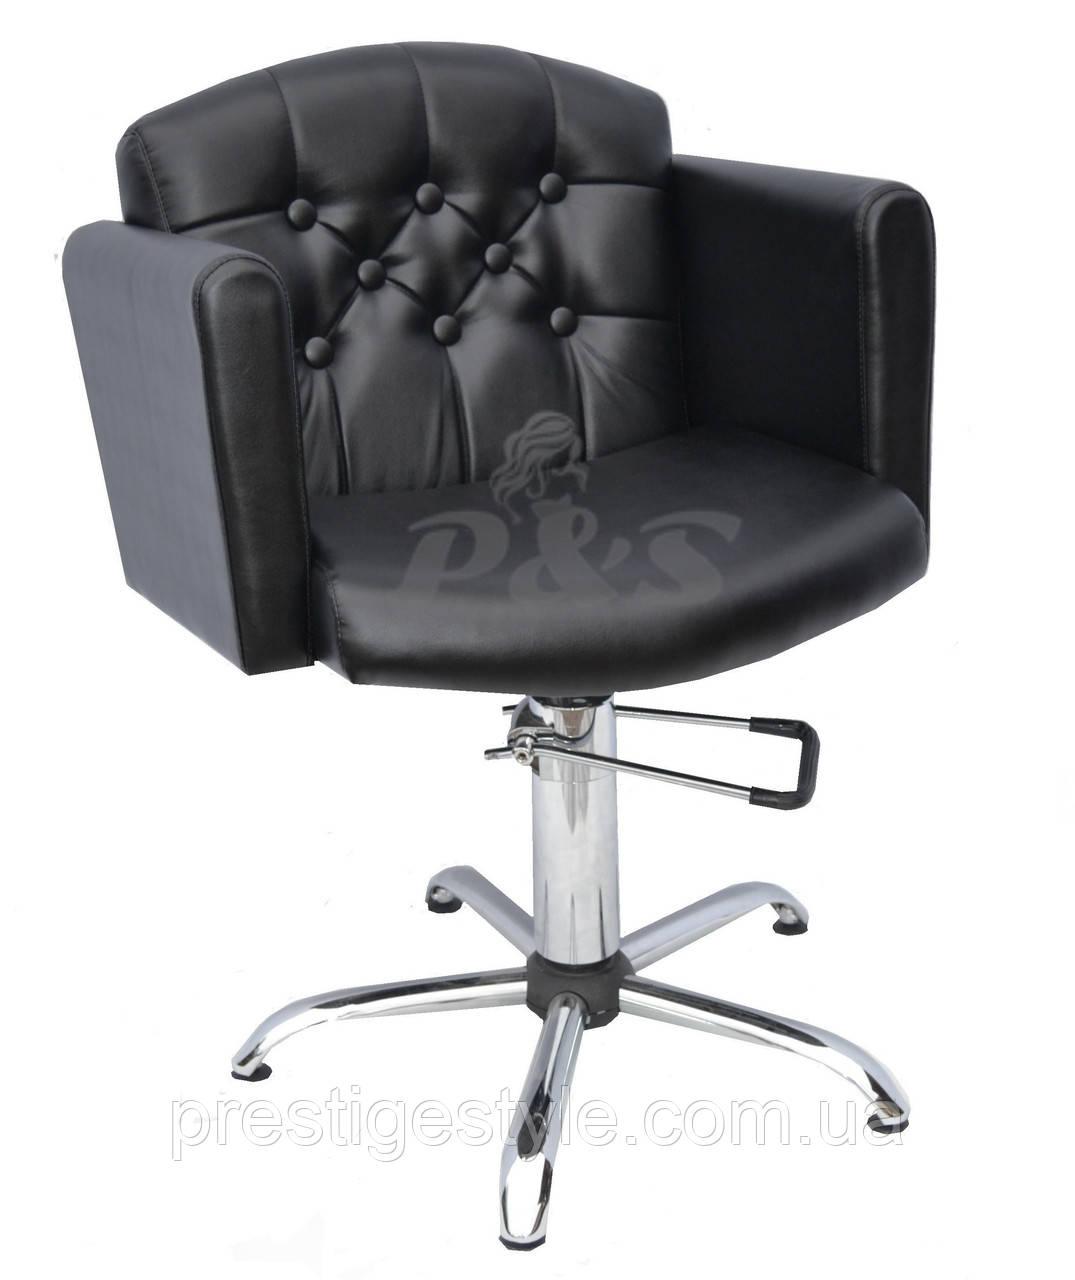 Парикмахерское кресло Ричард на гидравлике